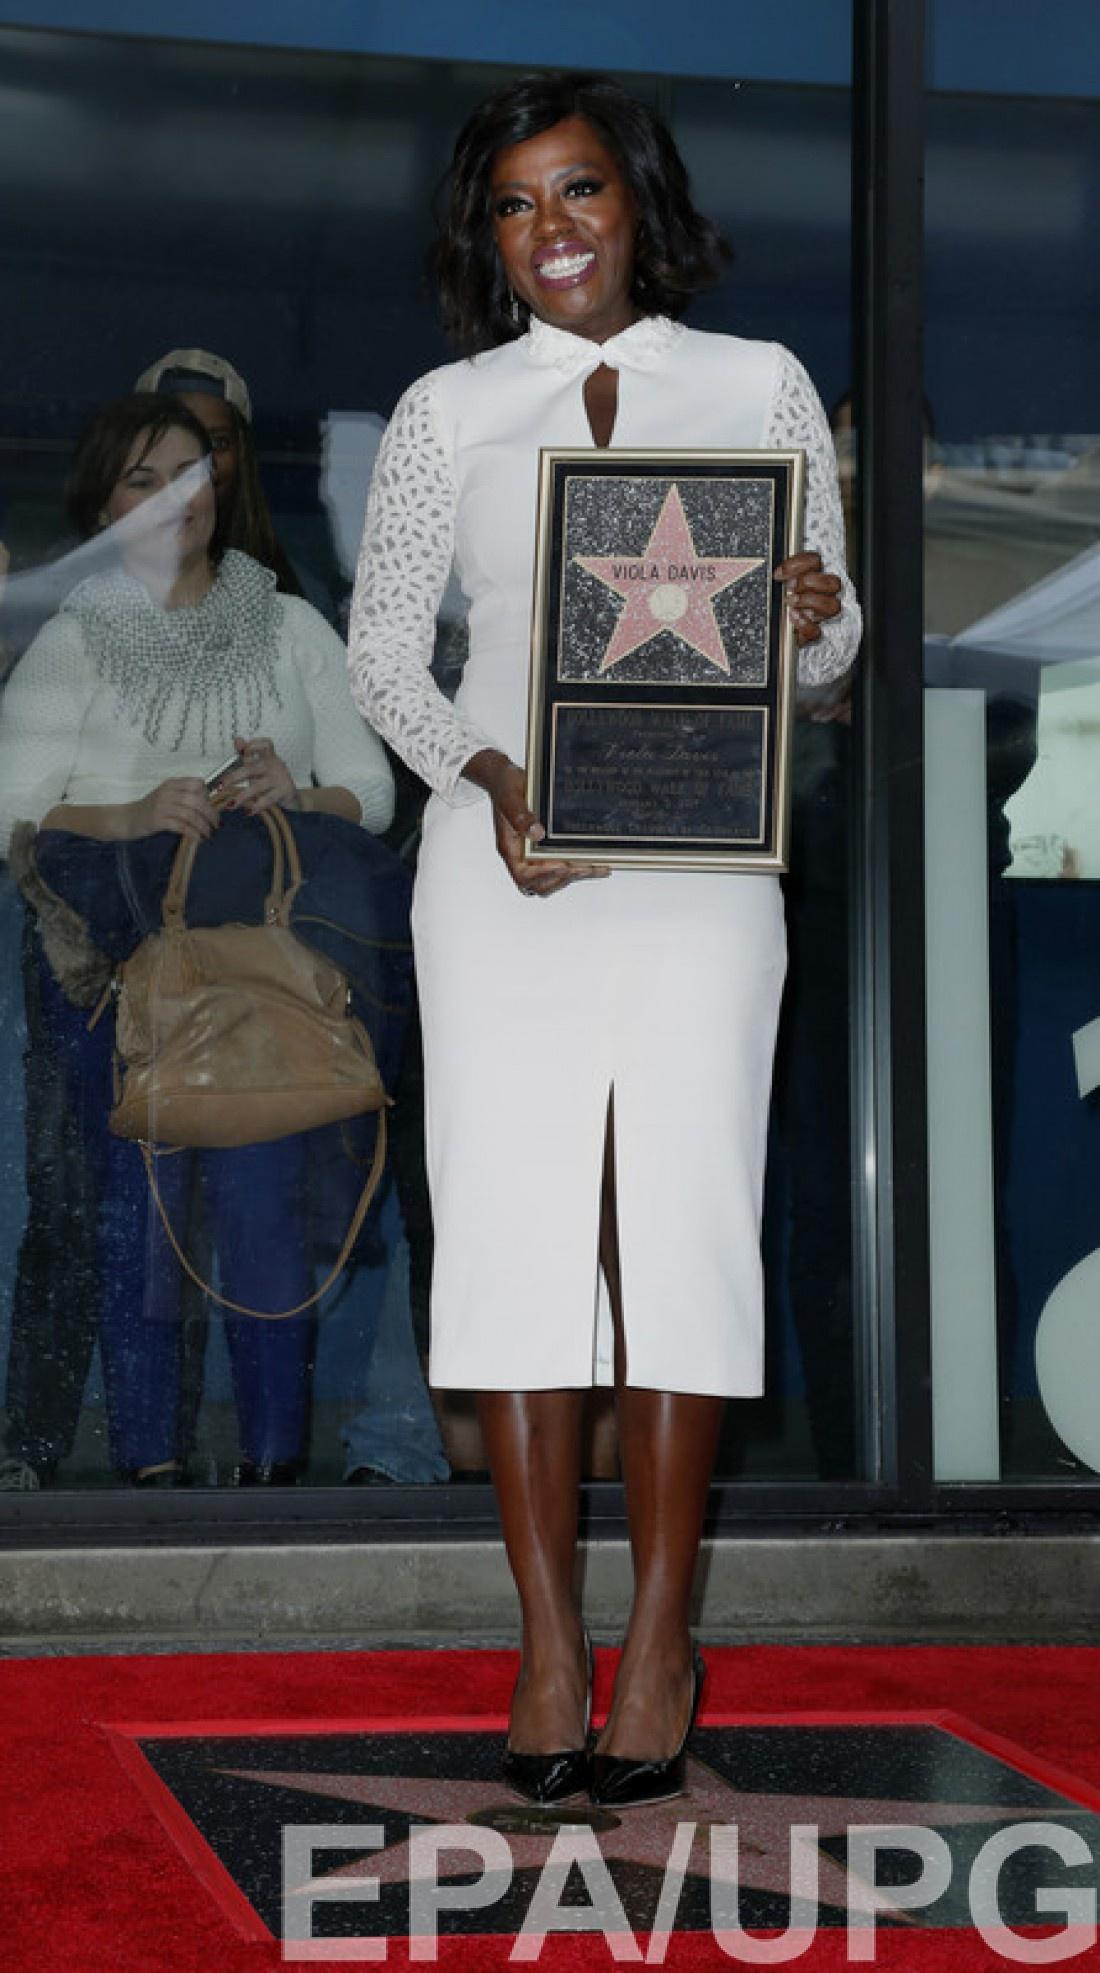 На сегодняшний день Виола выиграла 17 наград, получив при этом двадцать одну номинацию.